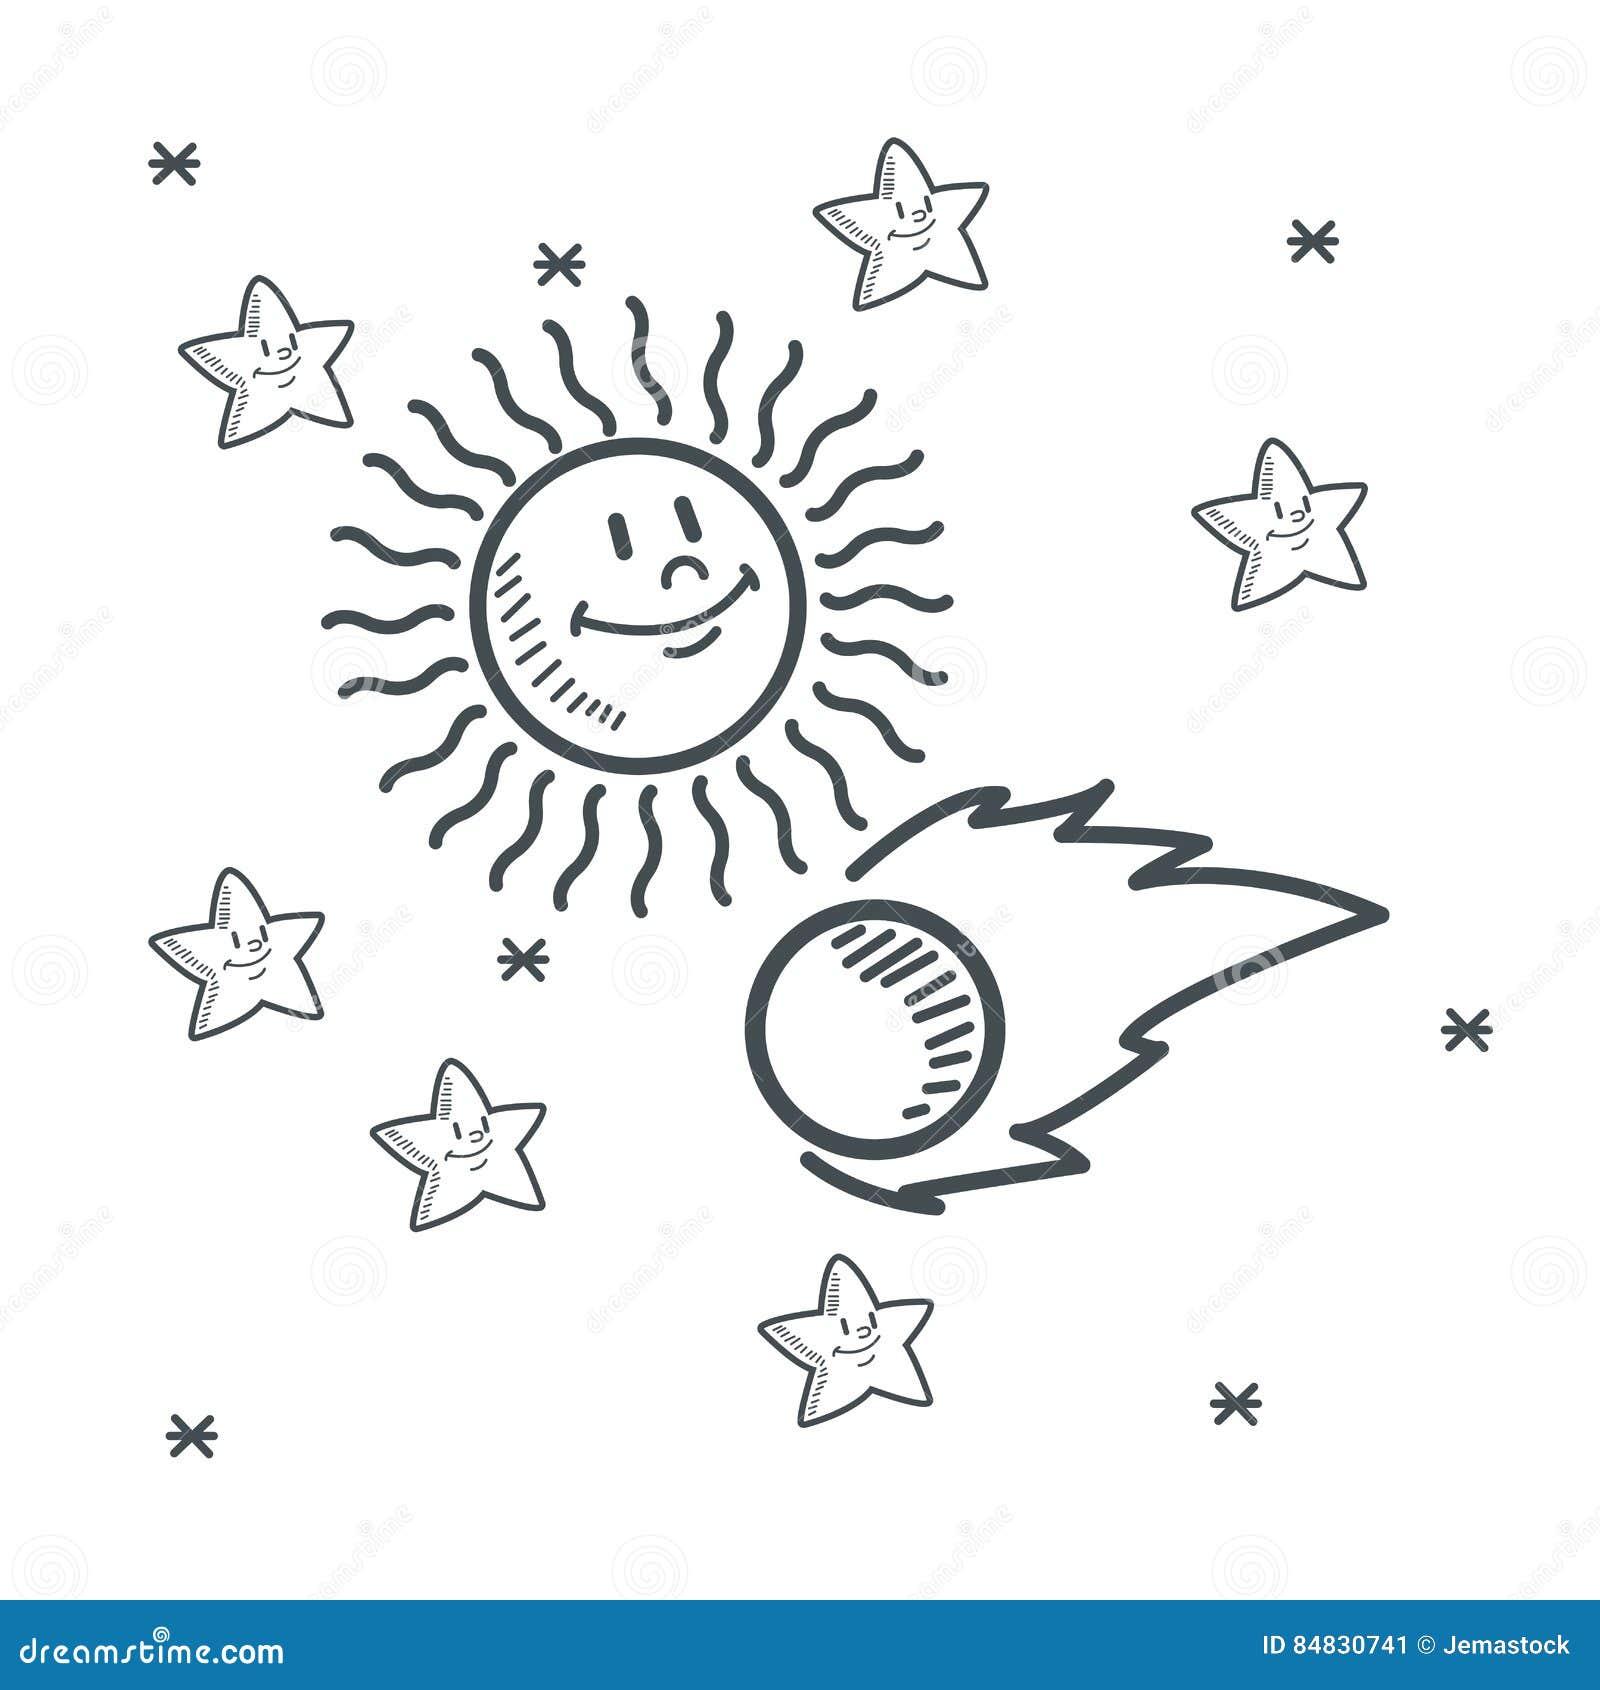 Ruimte de schetsontwerp van de sterren stervormig zon